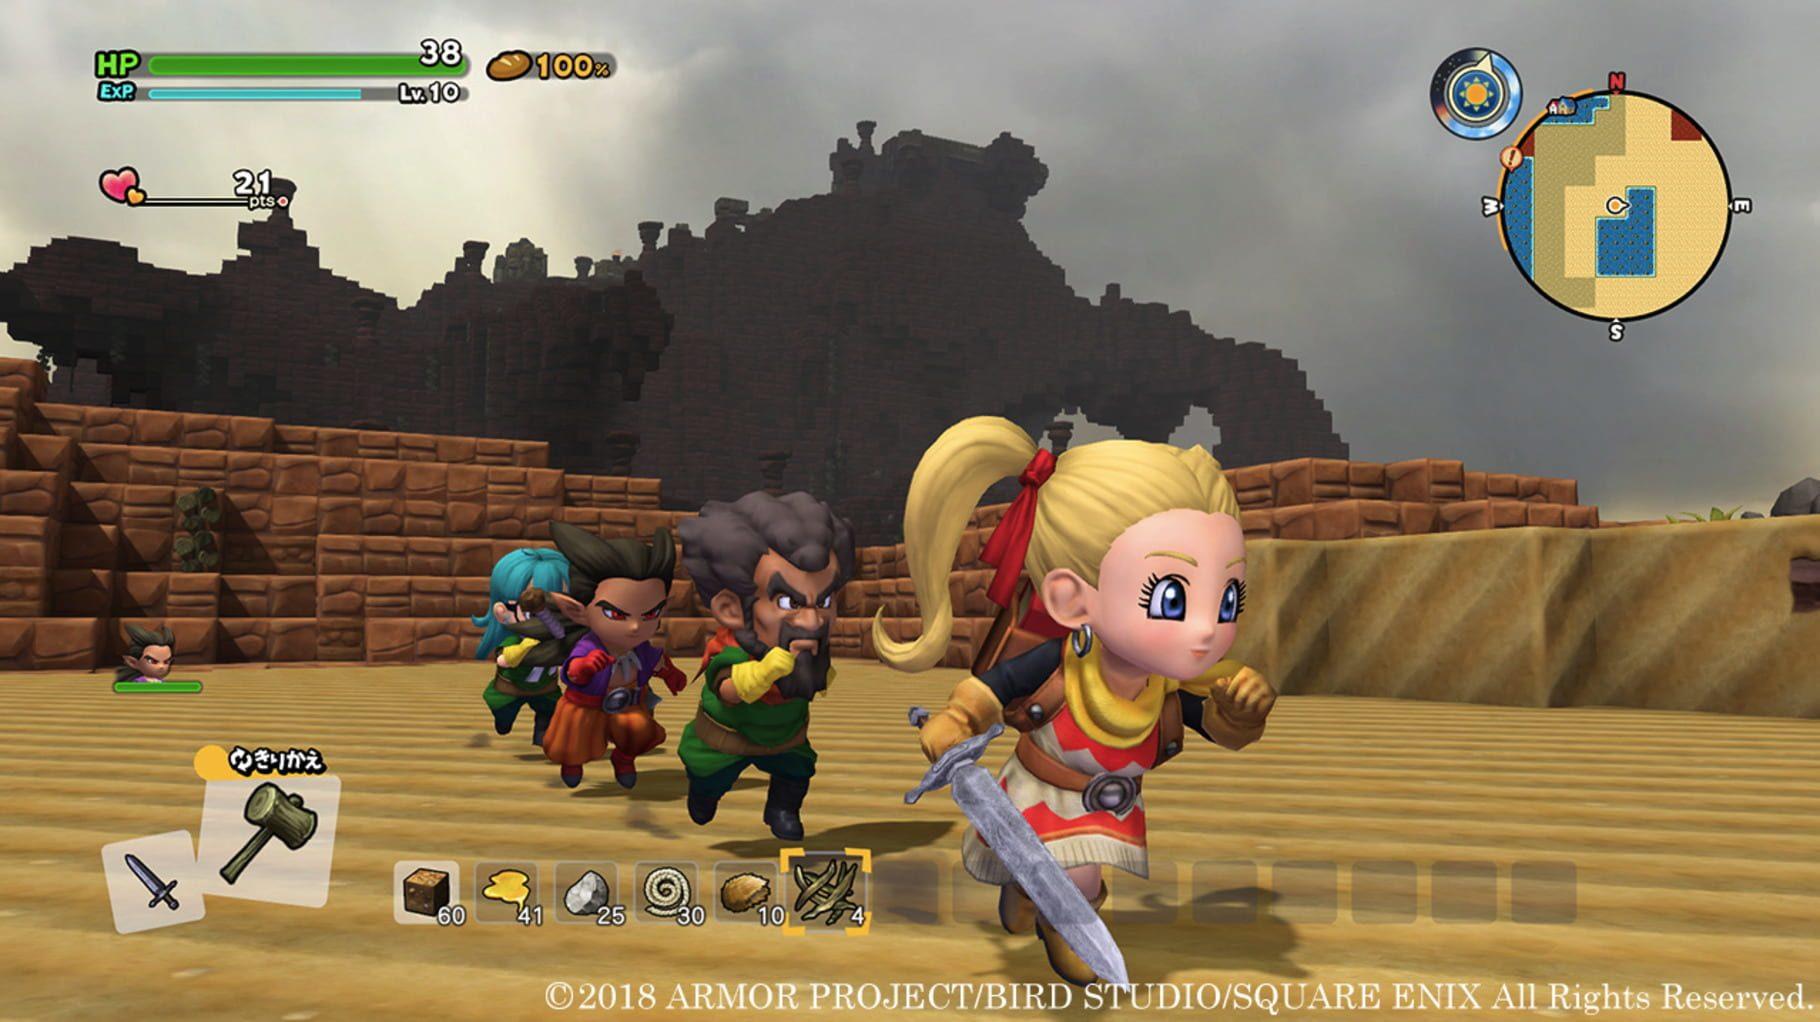 Recensione Dragon Quest Builders 2 - Come raffinare un diamante grezzo